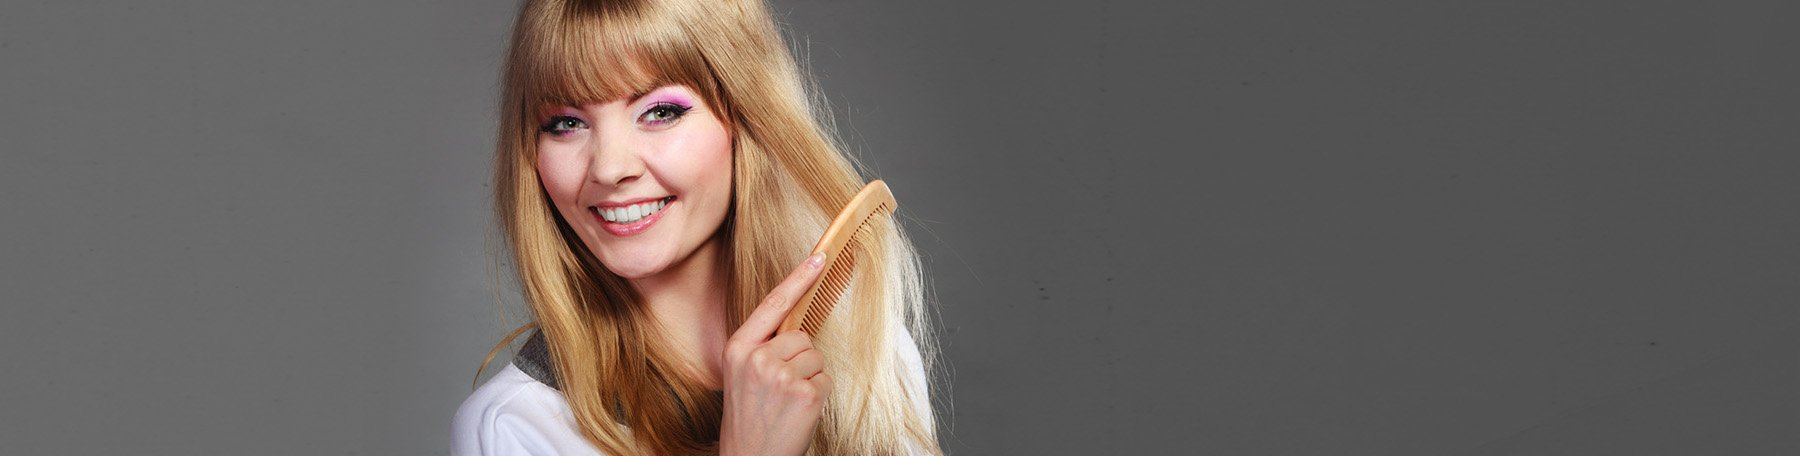 Women's hairloss